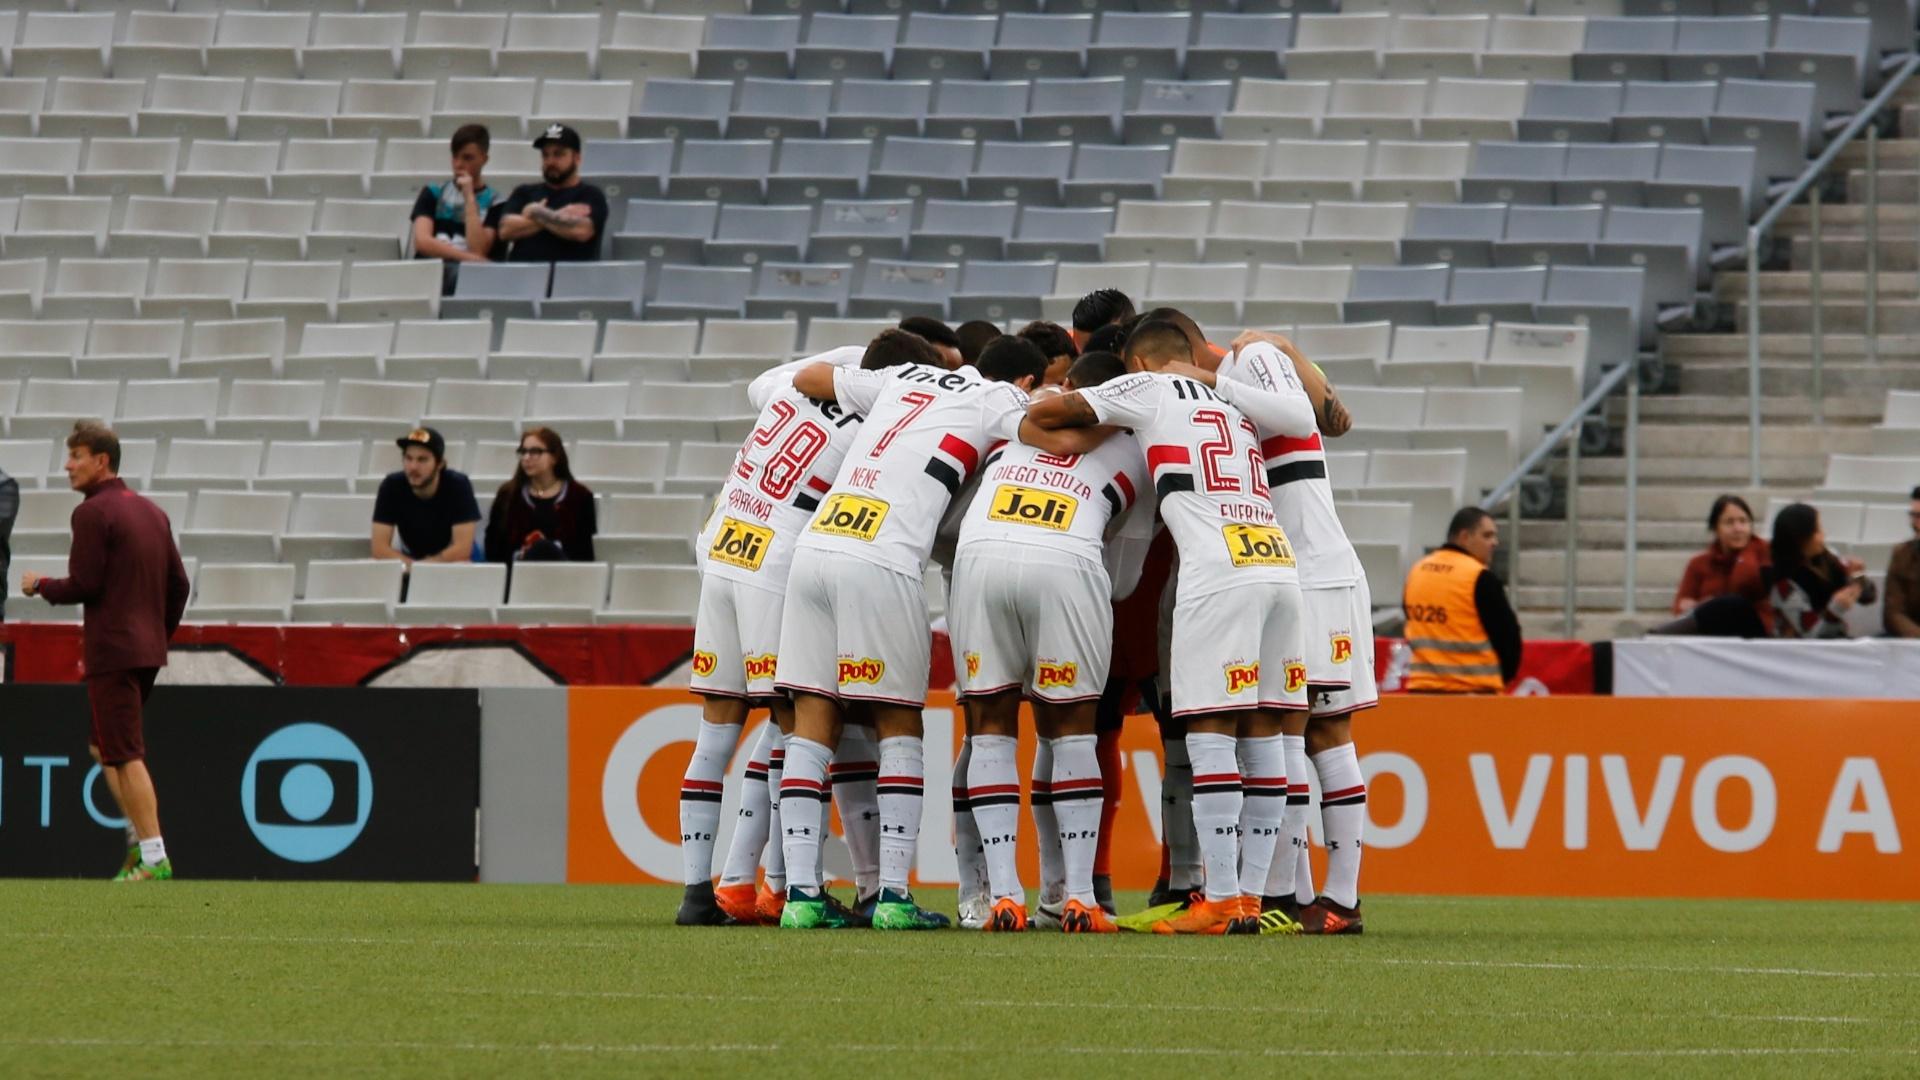 Jogadores do São Paulo reunidos antes do jogo contra o Atlético-PR na Arena da Baixada pelo Campeonato Brasileiro 2018